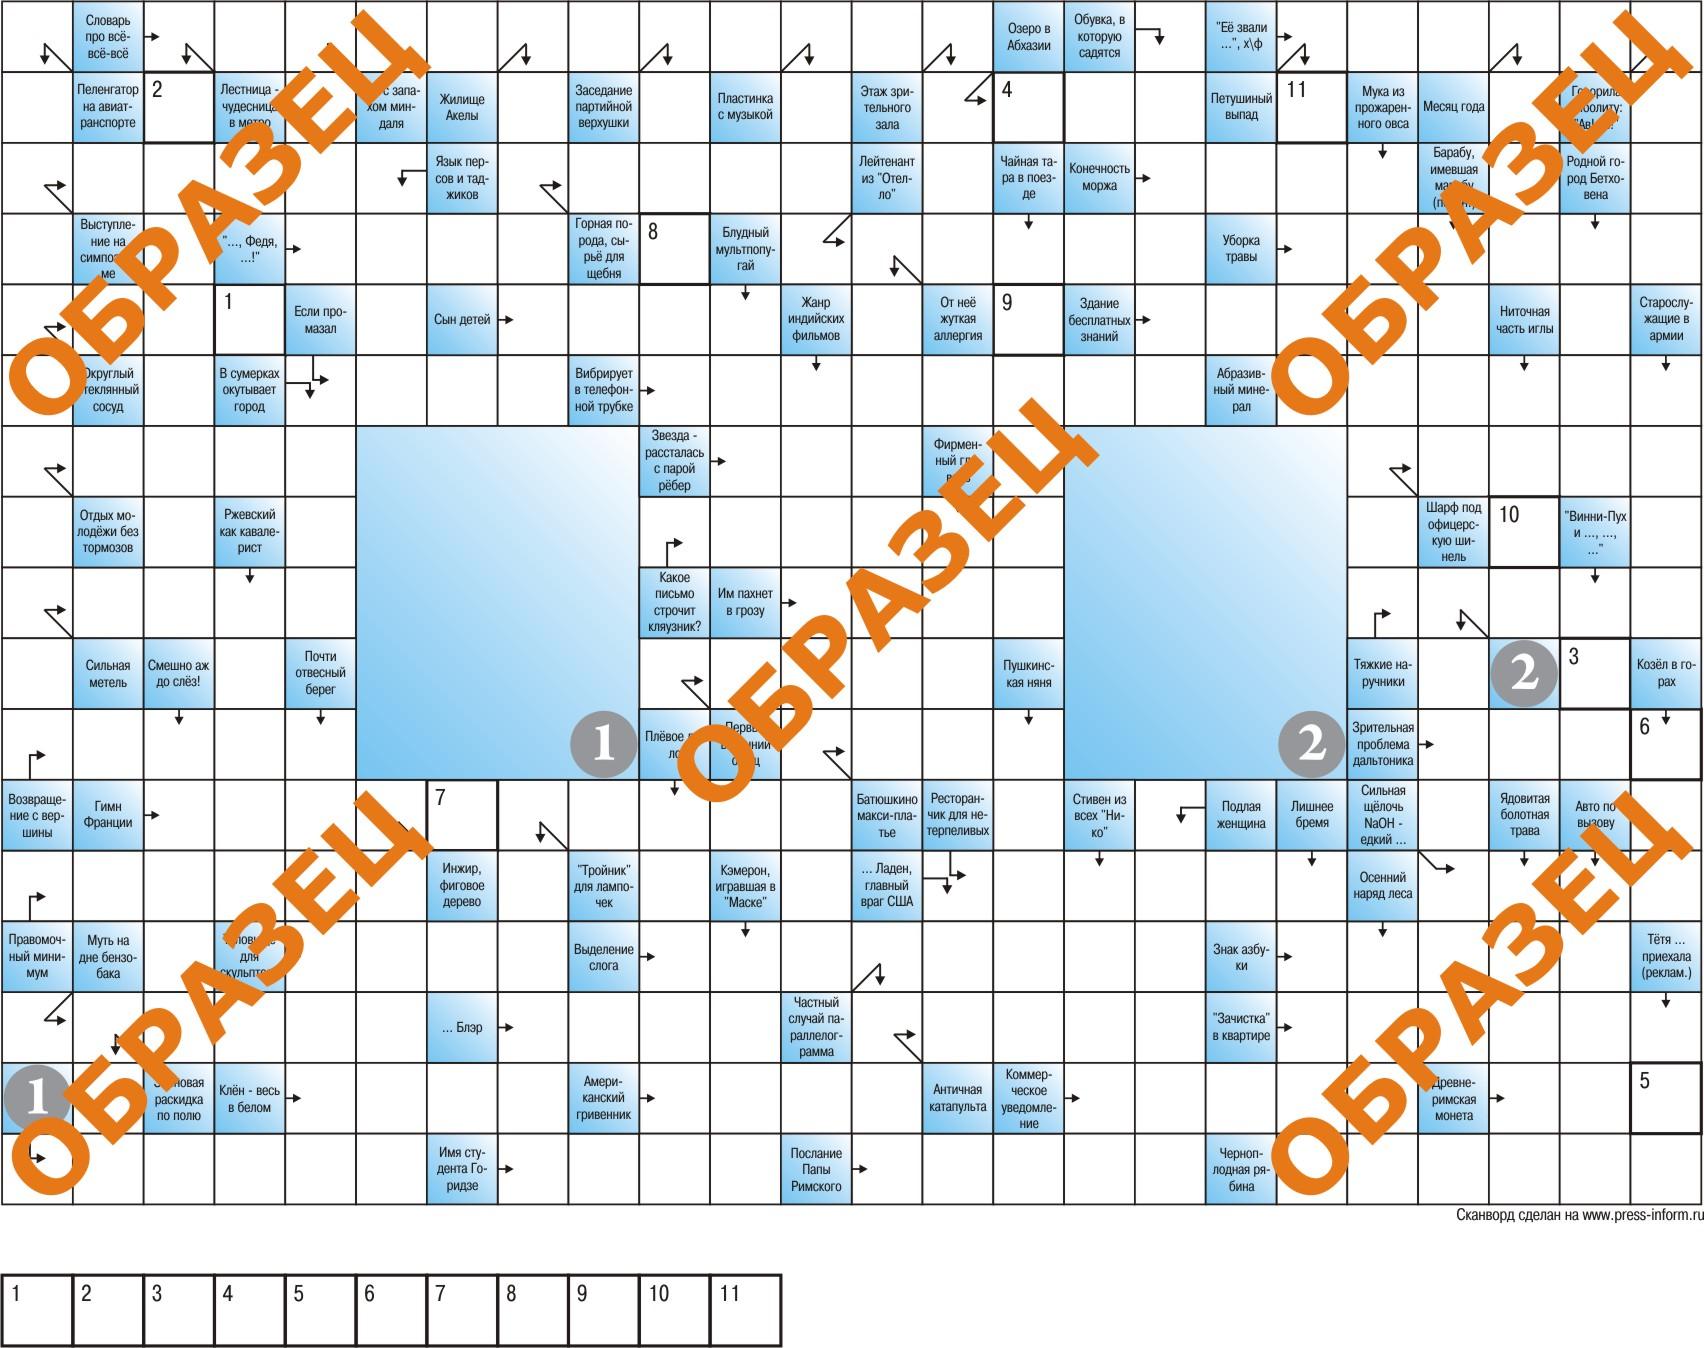 Сканворд В5  kx клеток, А4 горизонтальный, 2 картинки 4x5